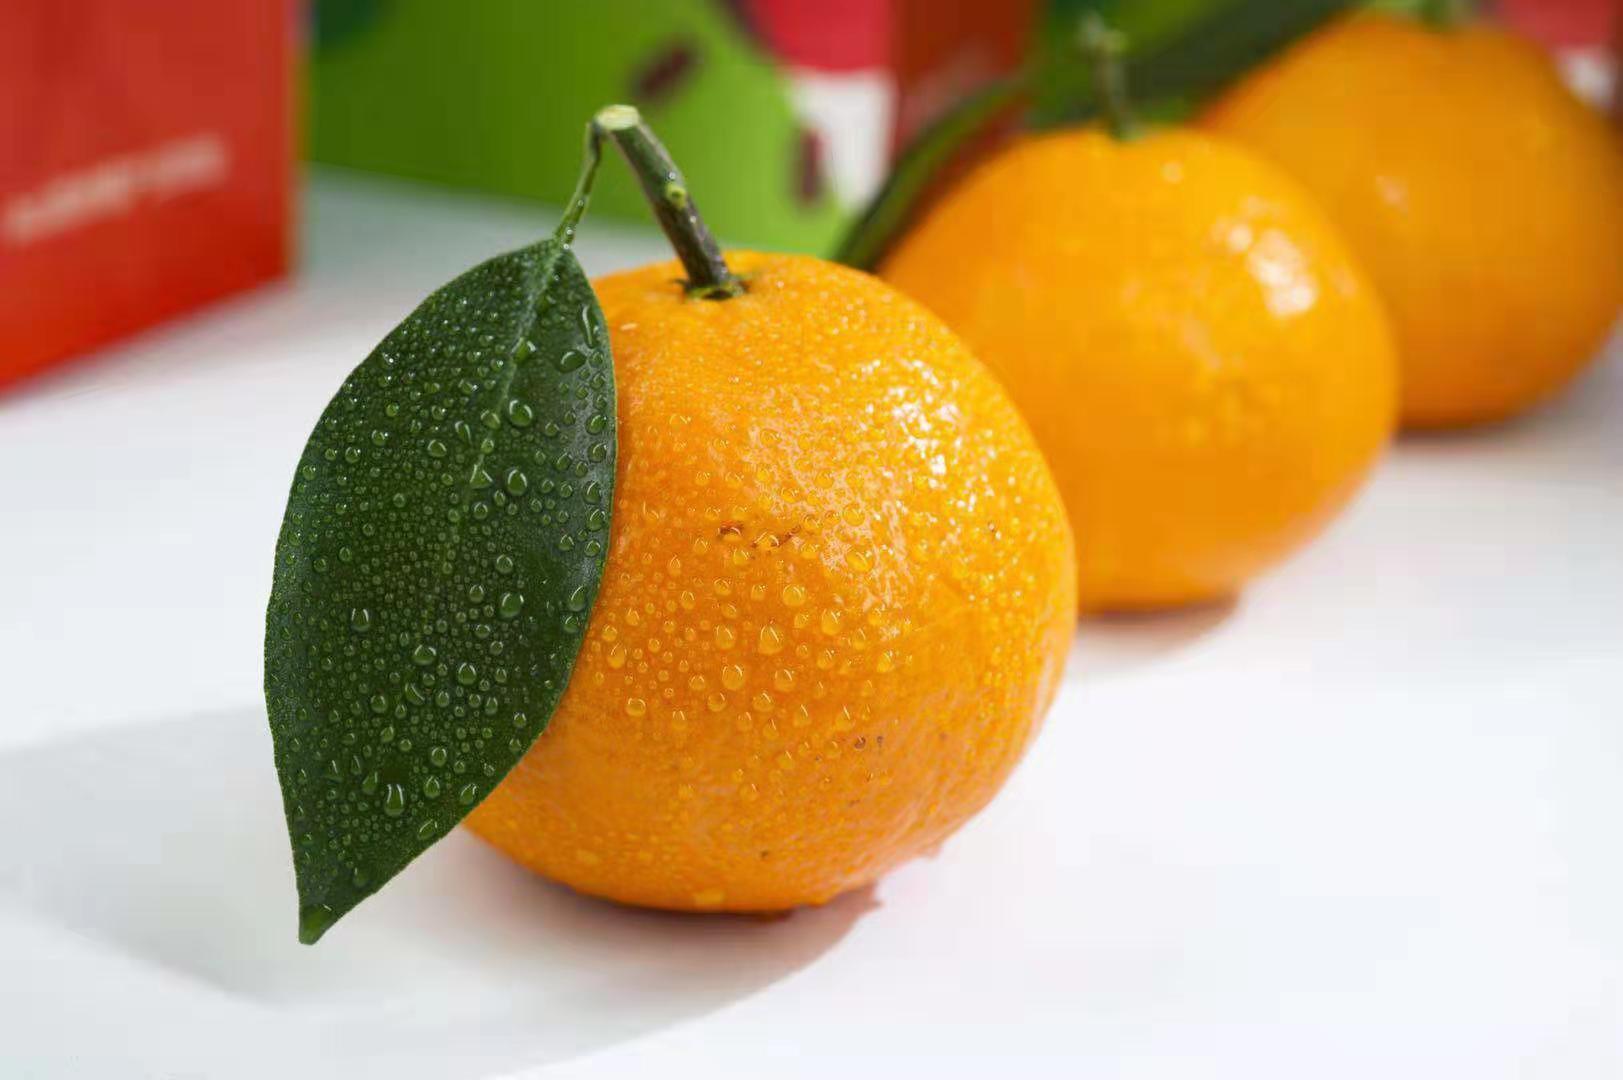 柑橘诚信企业推荐 值得信赖「象山文祥家庭农场供应」